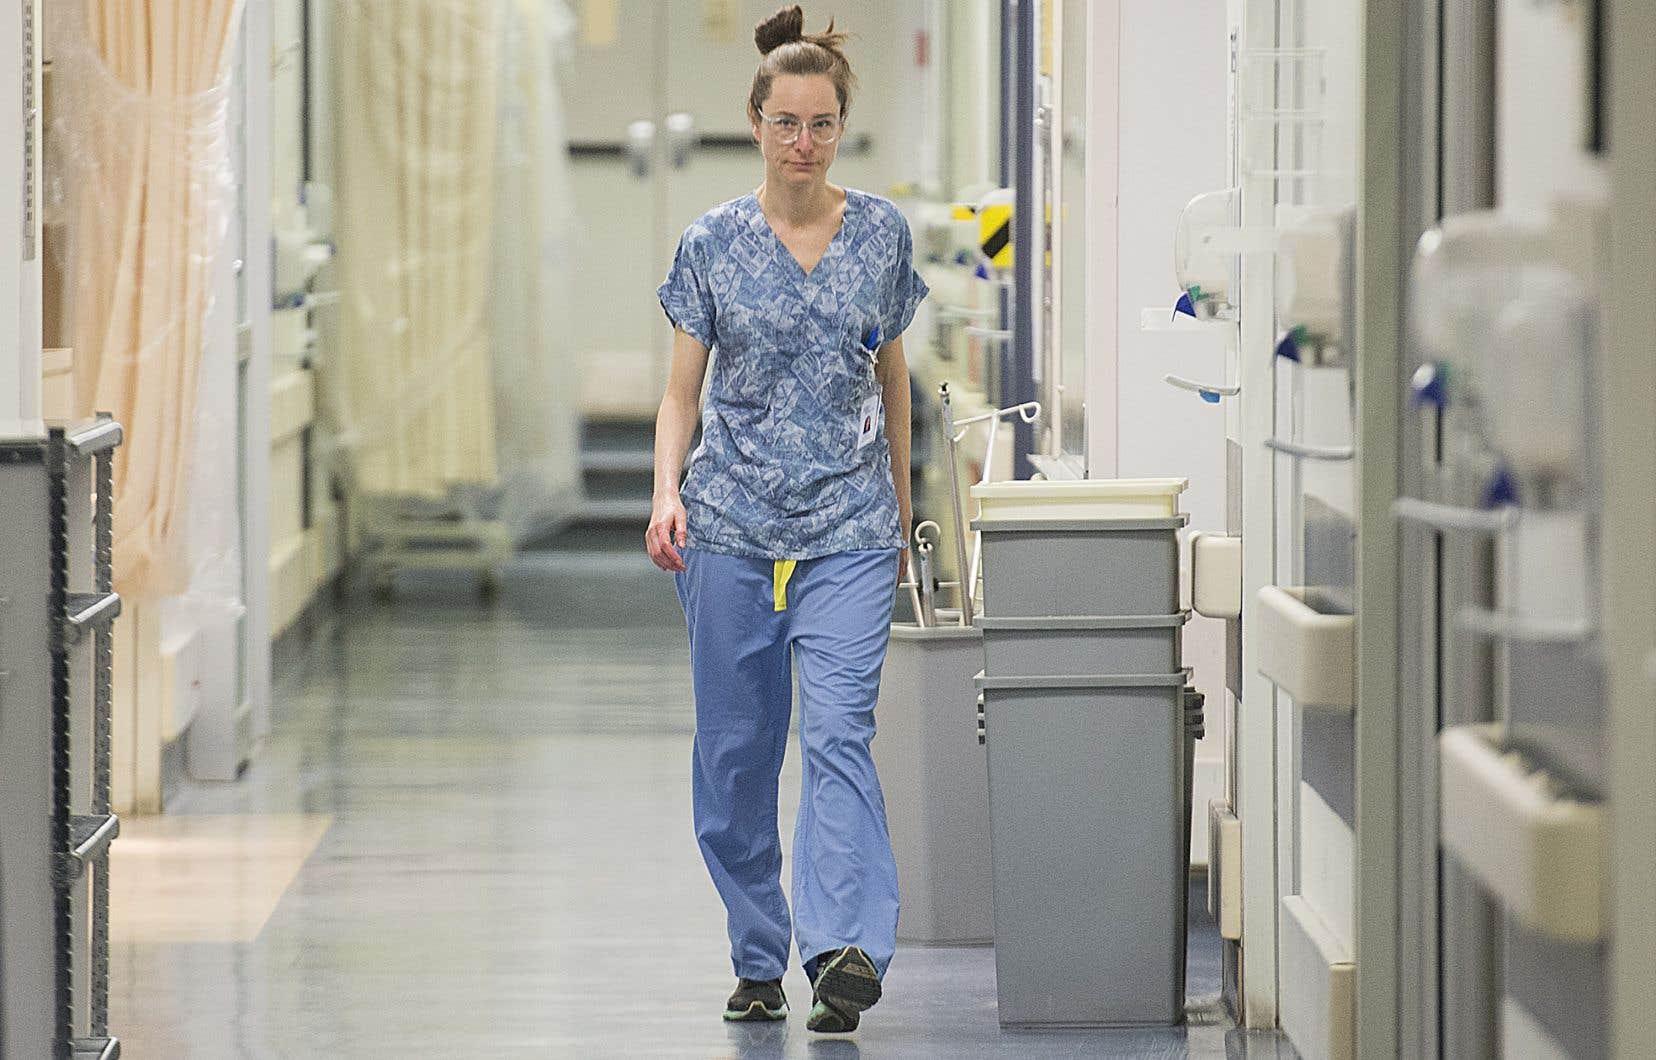 Six nouvelles cliniques supplémentaires désignées — offrant une prise en charge et une prise de prélèvements sur place aux personnes à risque d'avoir contracté le virus —s'ajouteront lundi aux huit premières et quatre autres ouvriront dans les jours suivants, ce qui en fera 18 au total.